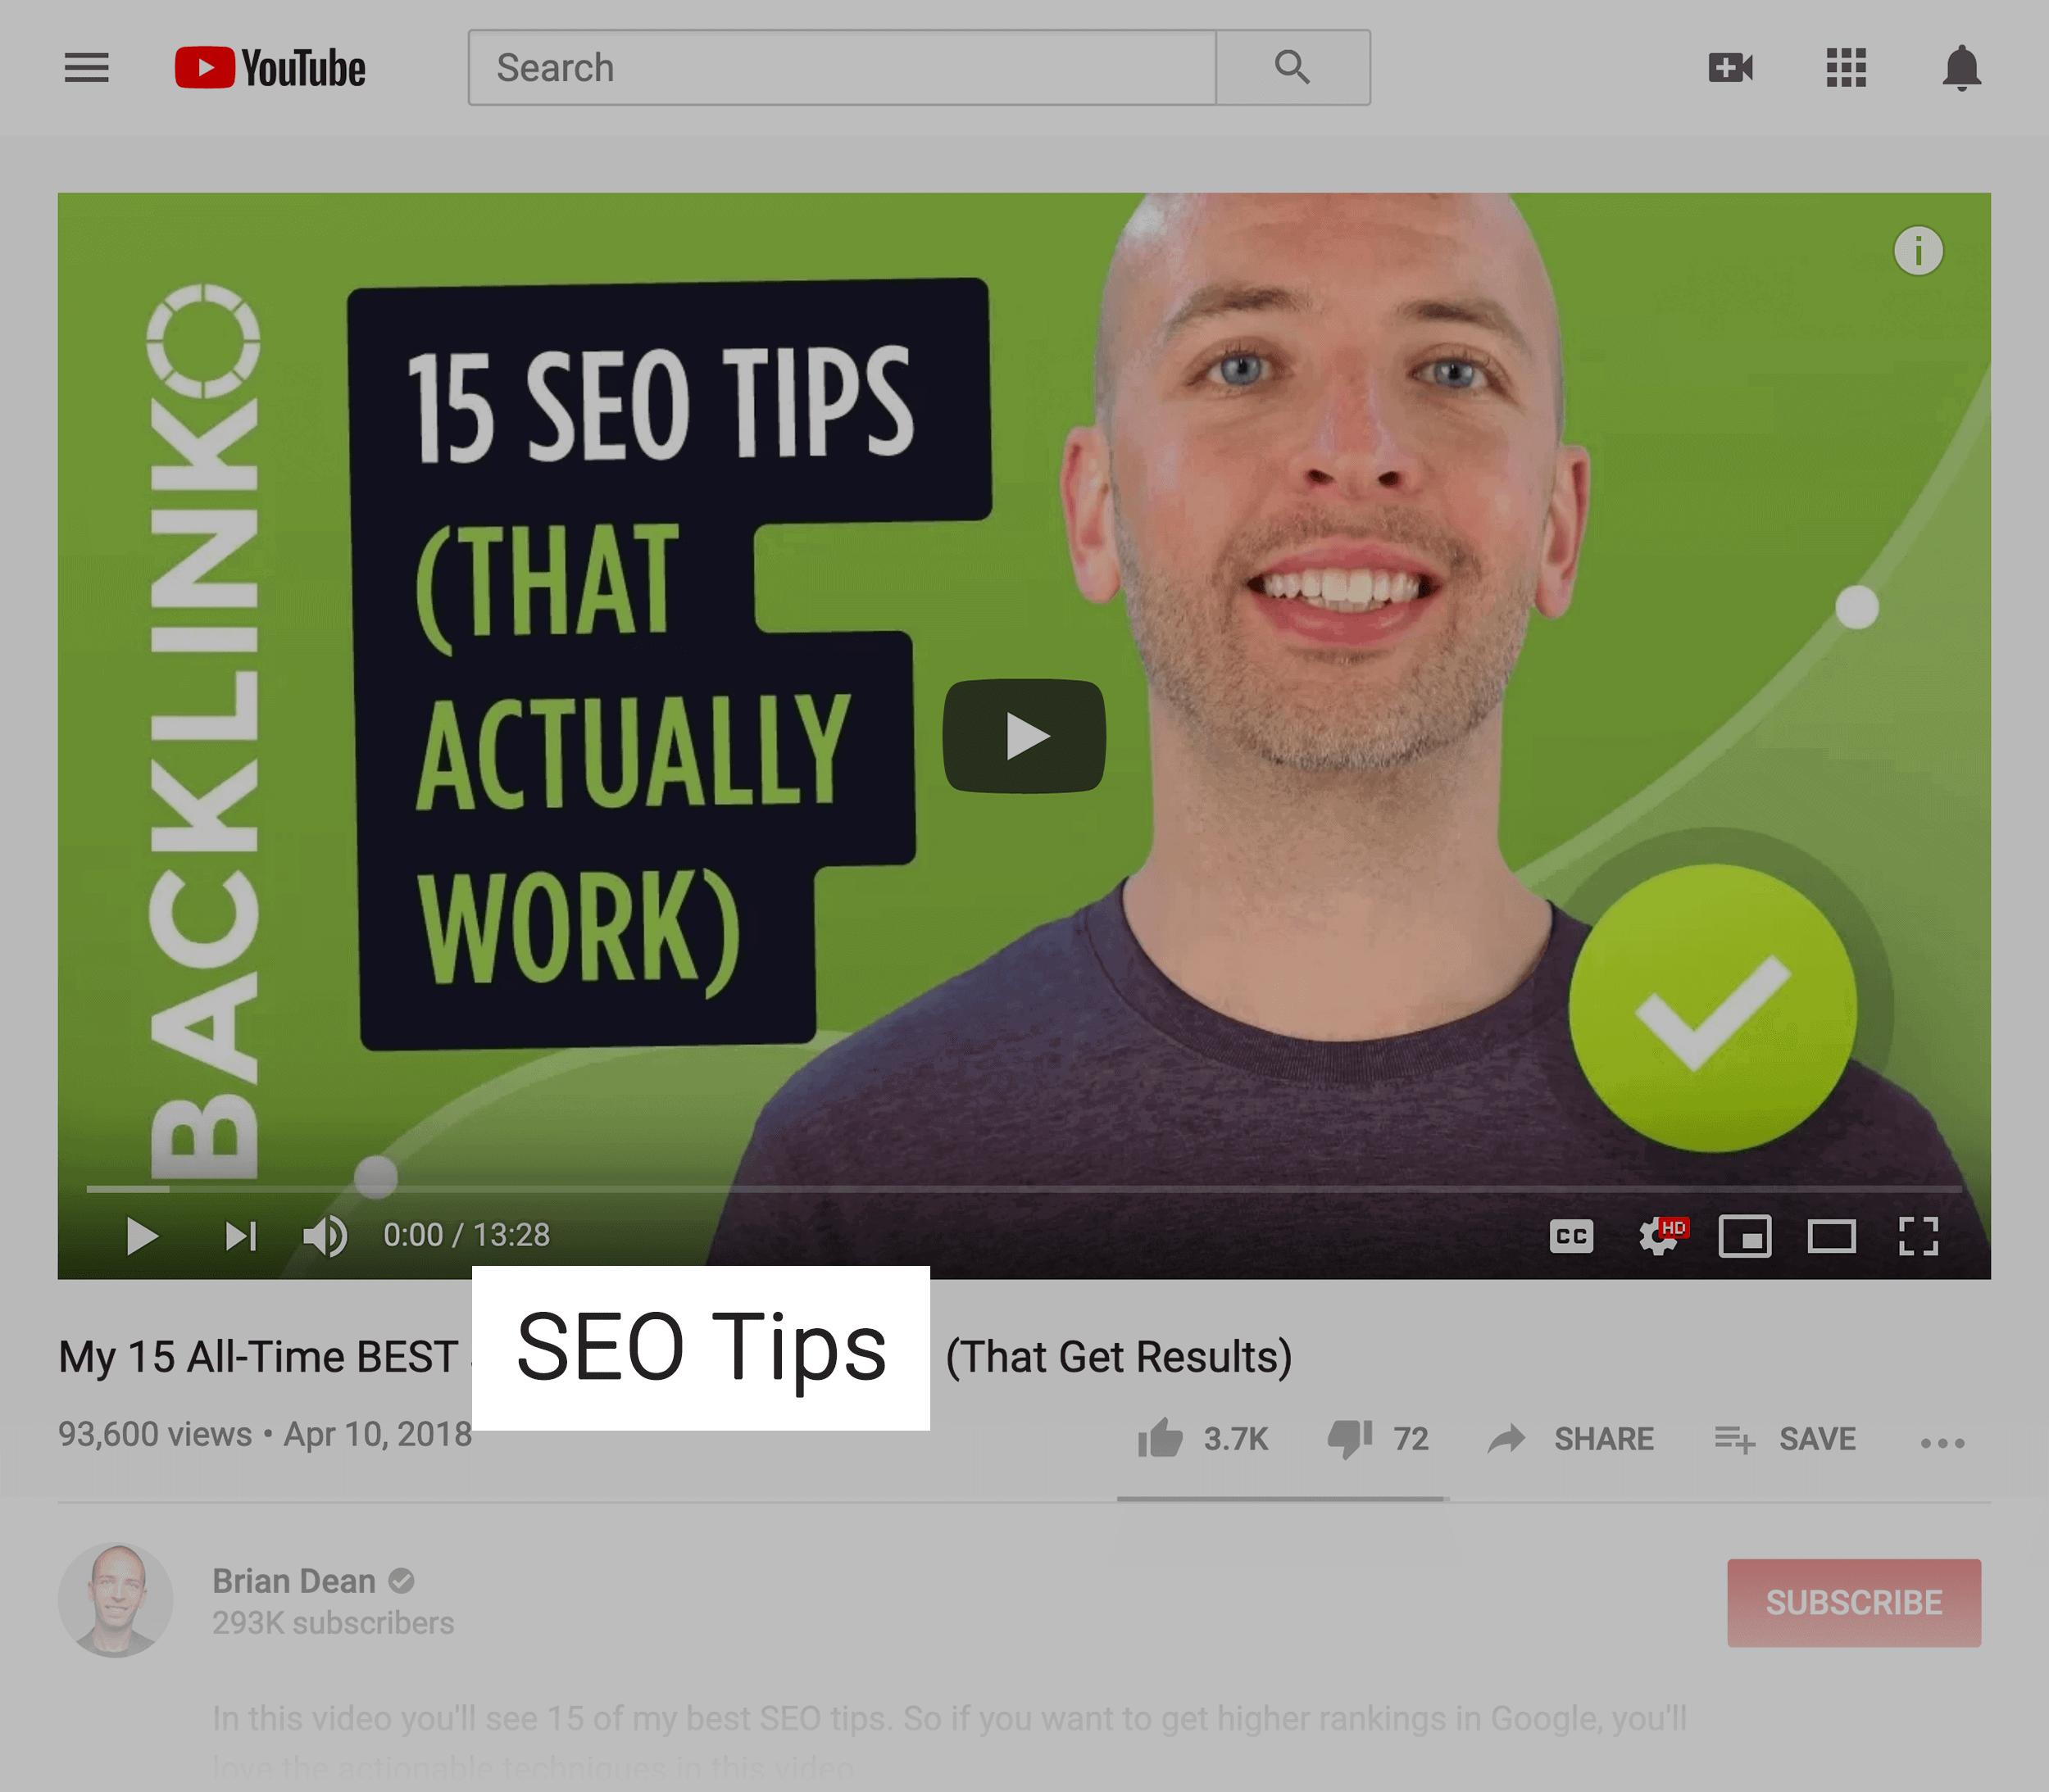 Target keyword in video title